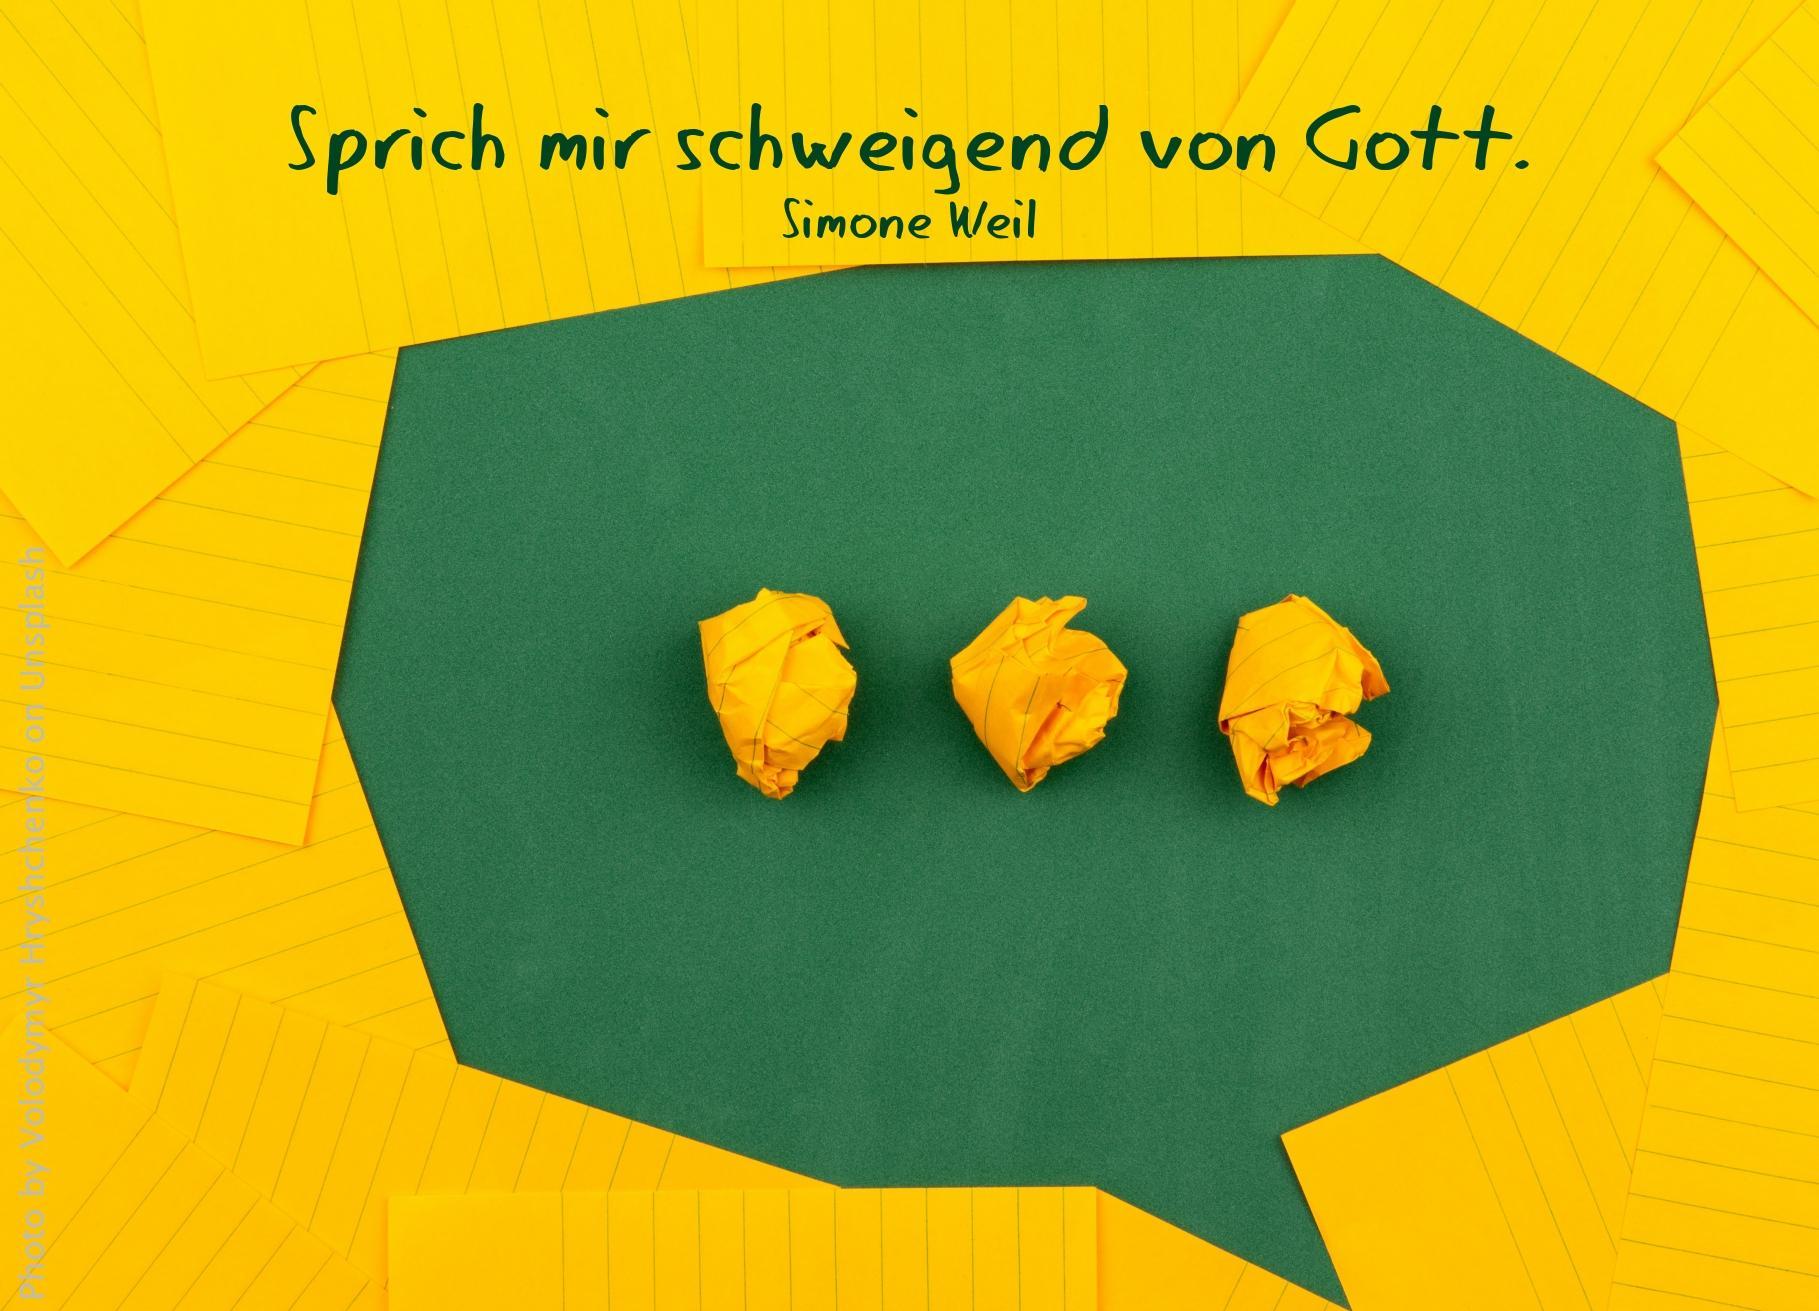 Grüne Sprechblase, gelb eingerahmt mit drei gelben Papierkugeln